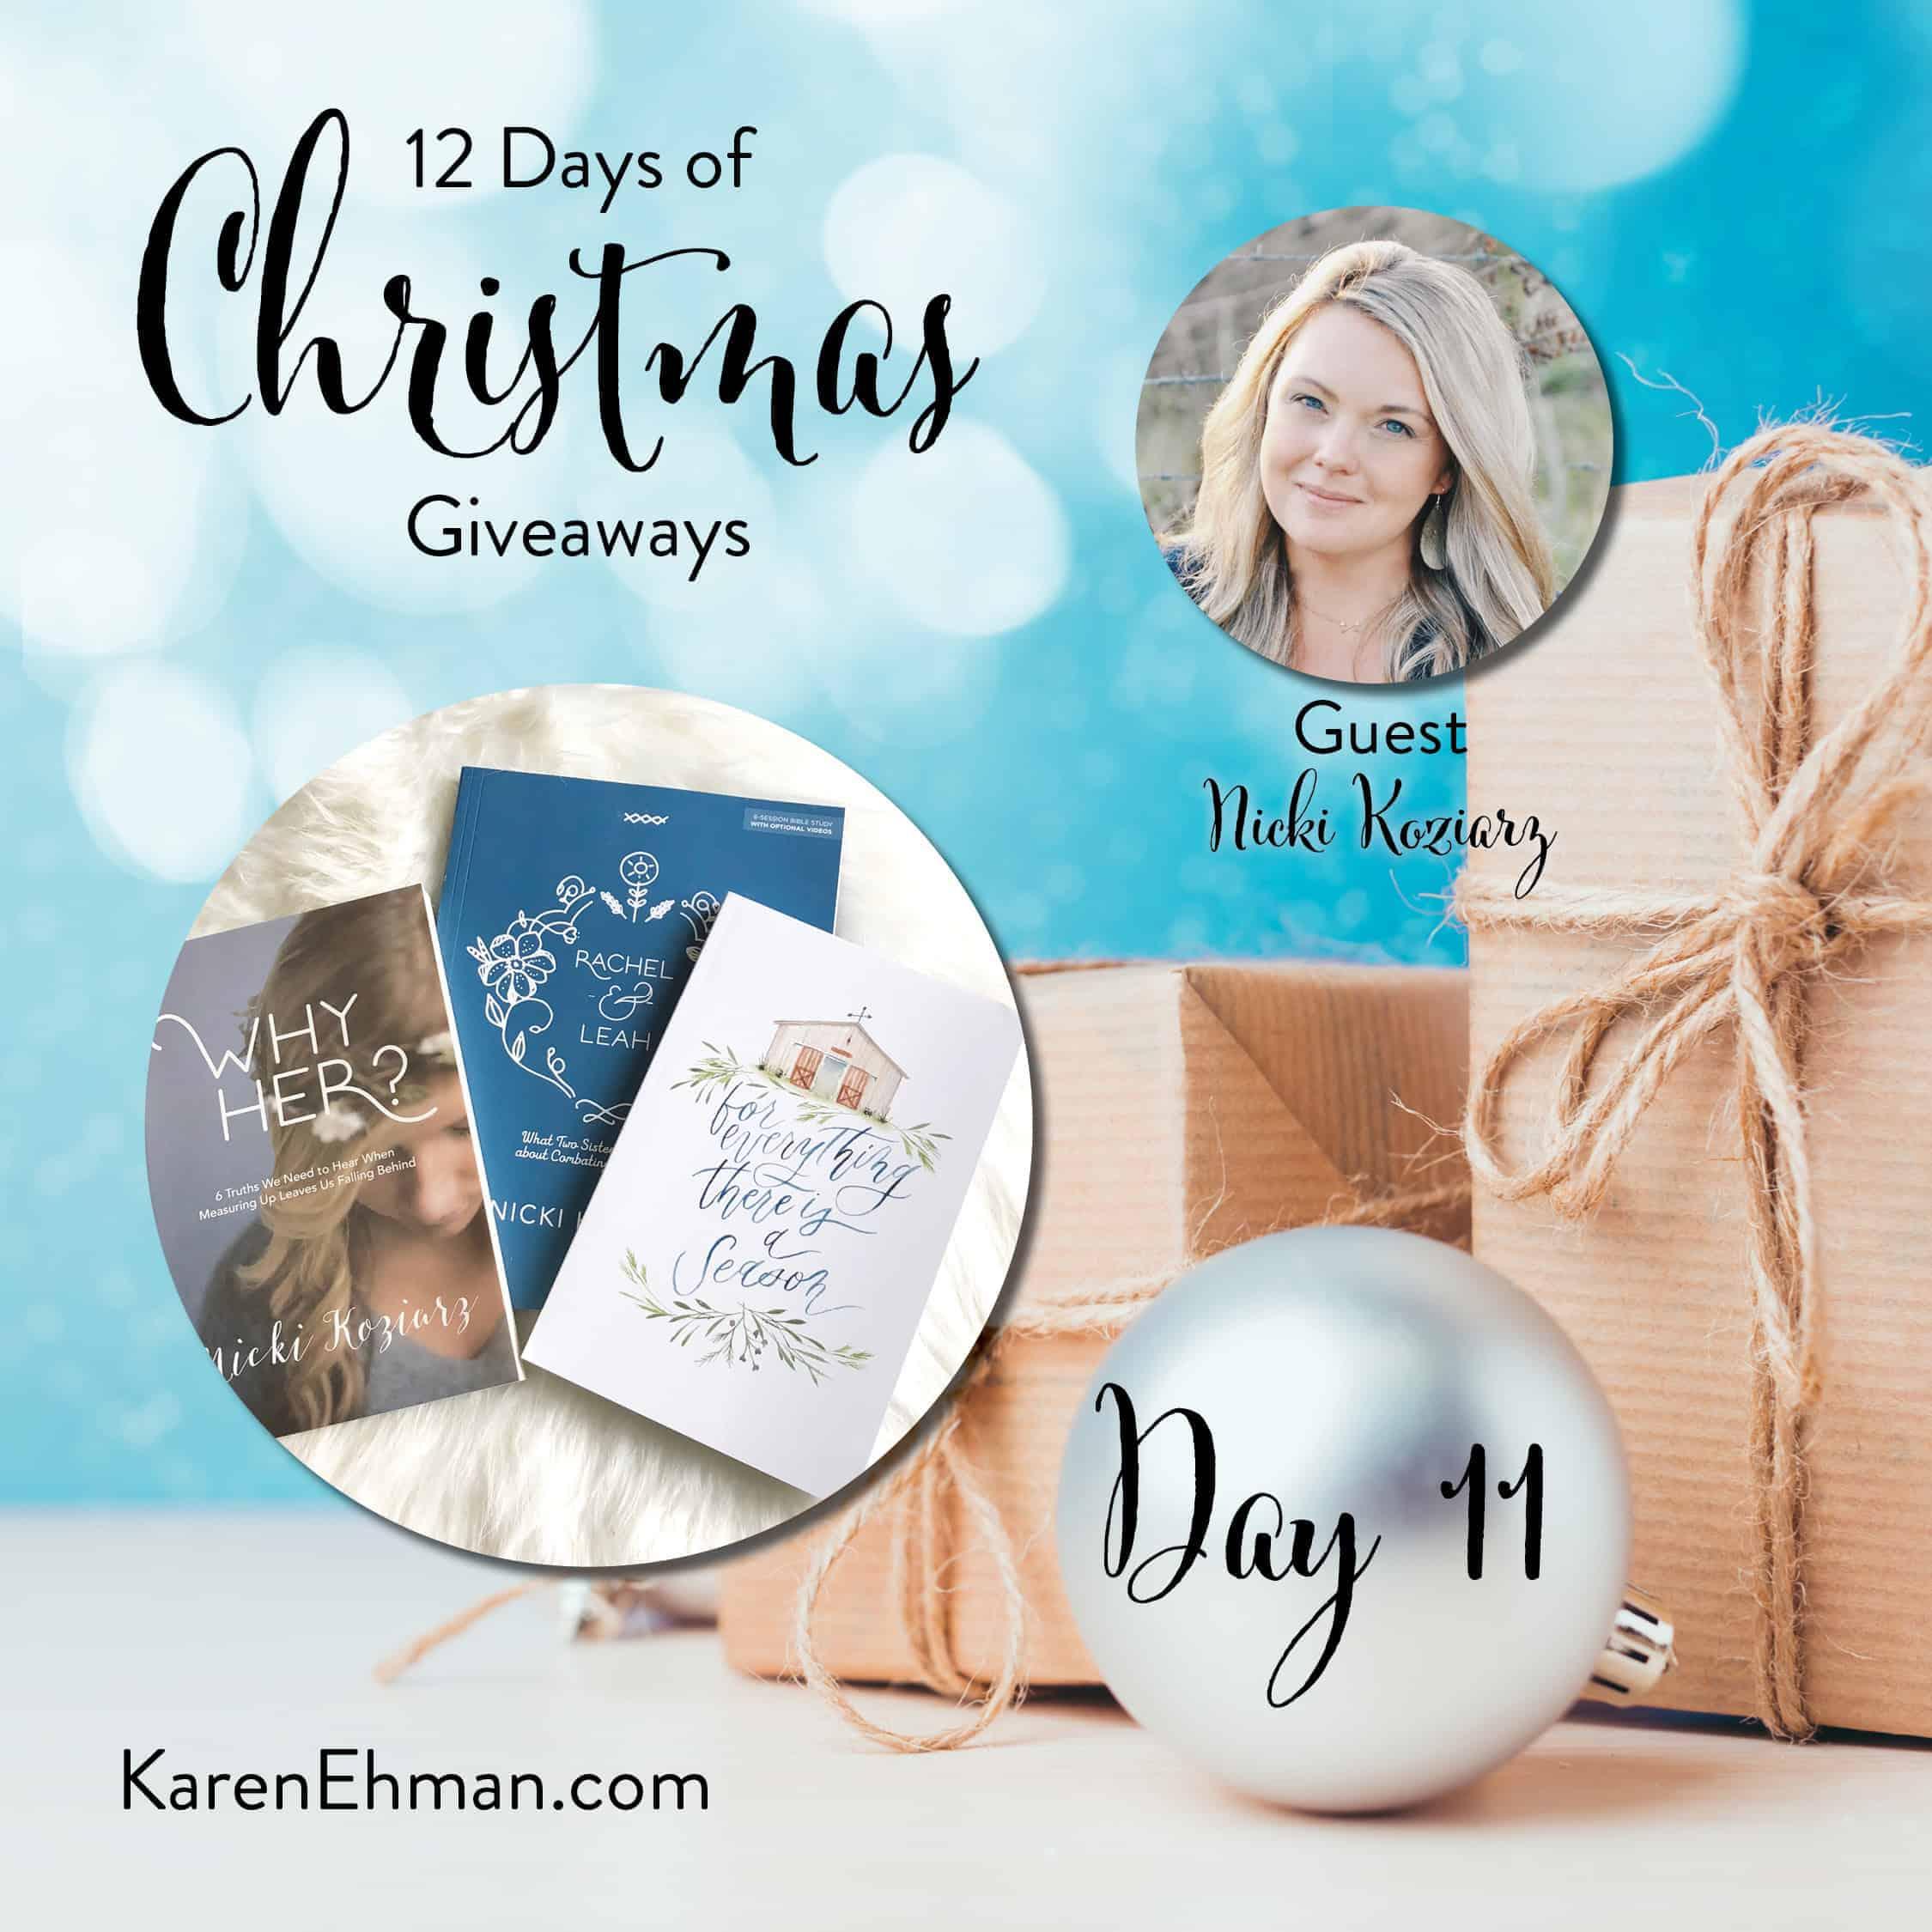 Day 11 of 12 Days of Christmas Giveaways (with Nicki Koziarz)